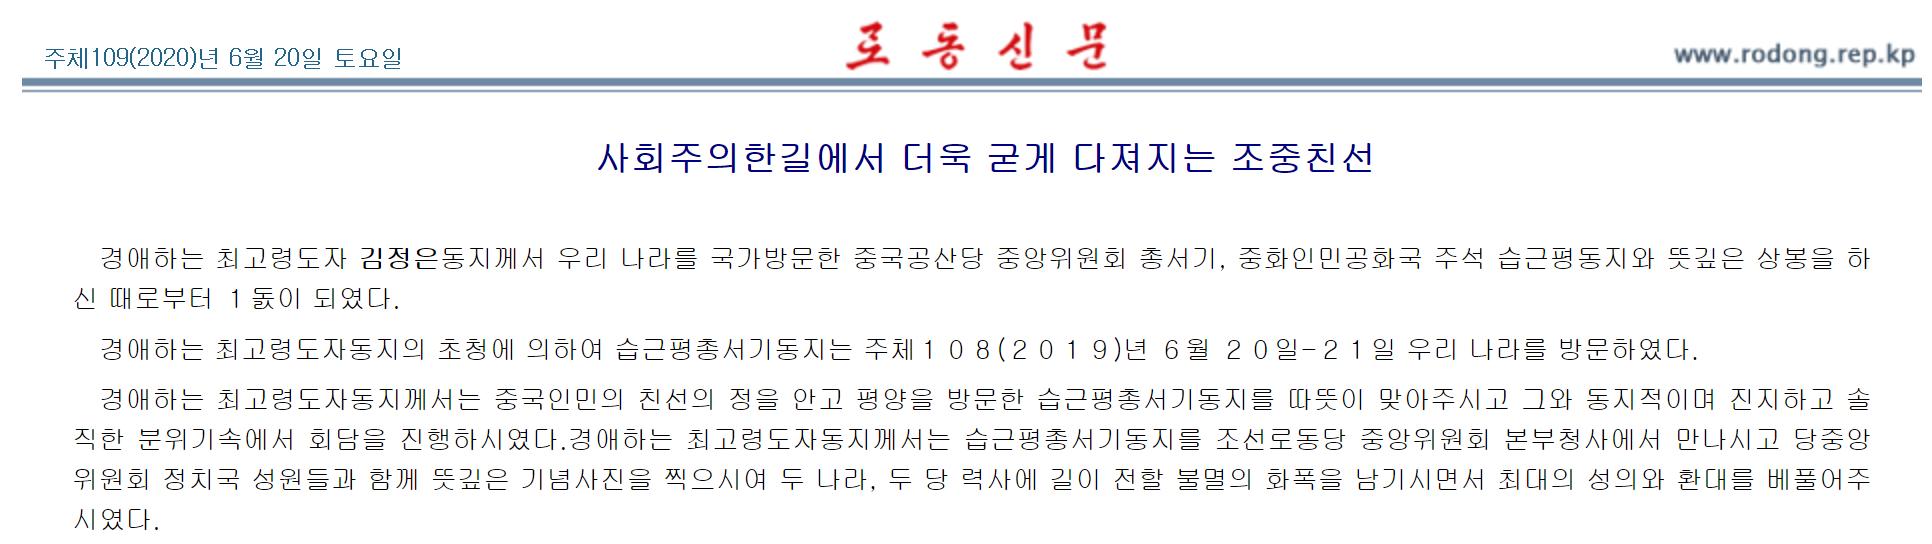 朝鲜《劳动新闻》近期就香港问题密集发声